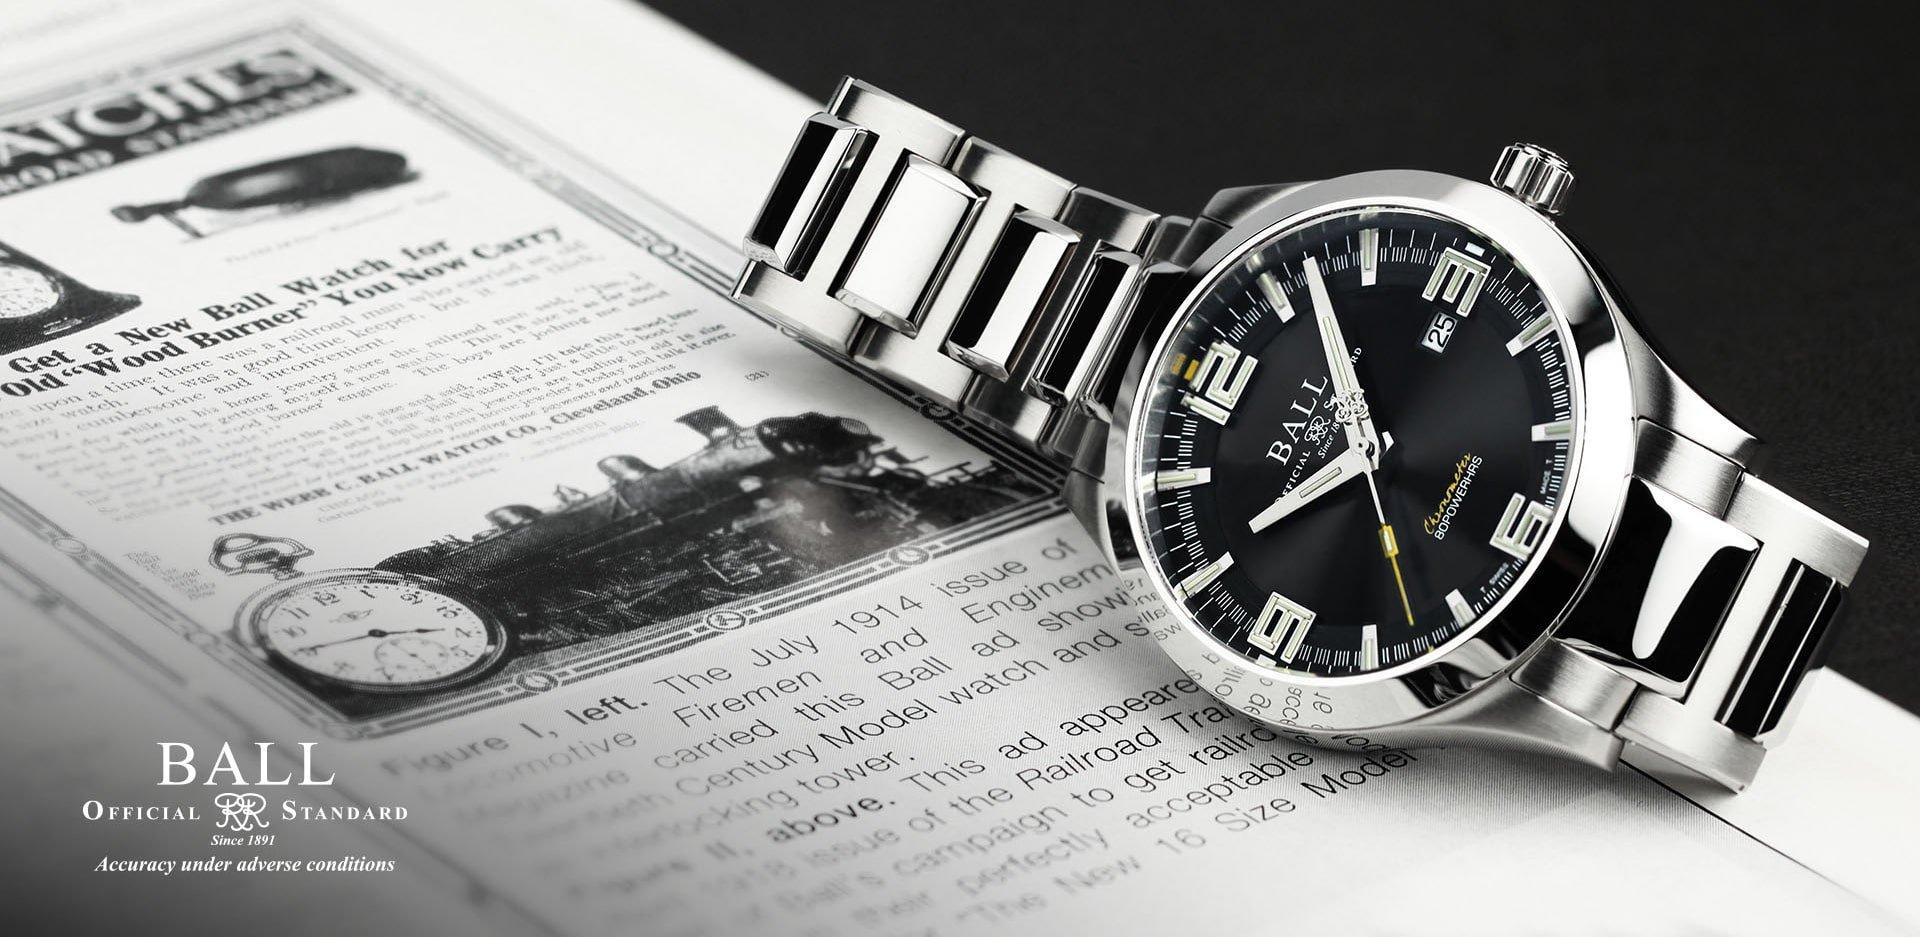 Niezwykle dokładny, męski zegarek Ball na srebrnej bransolecie z czarną tarczą oświetloną tubkami z trytem.